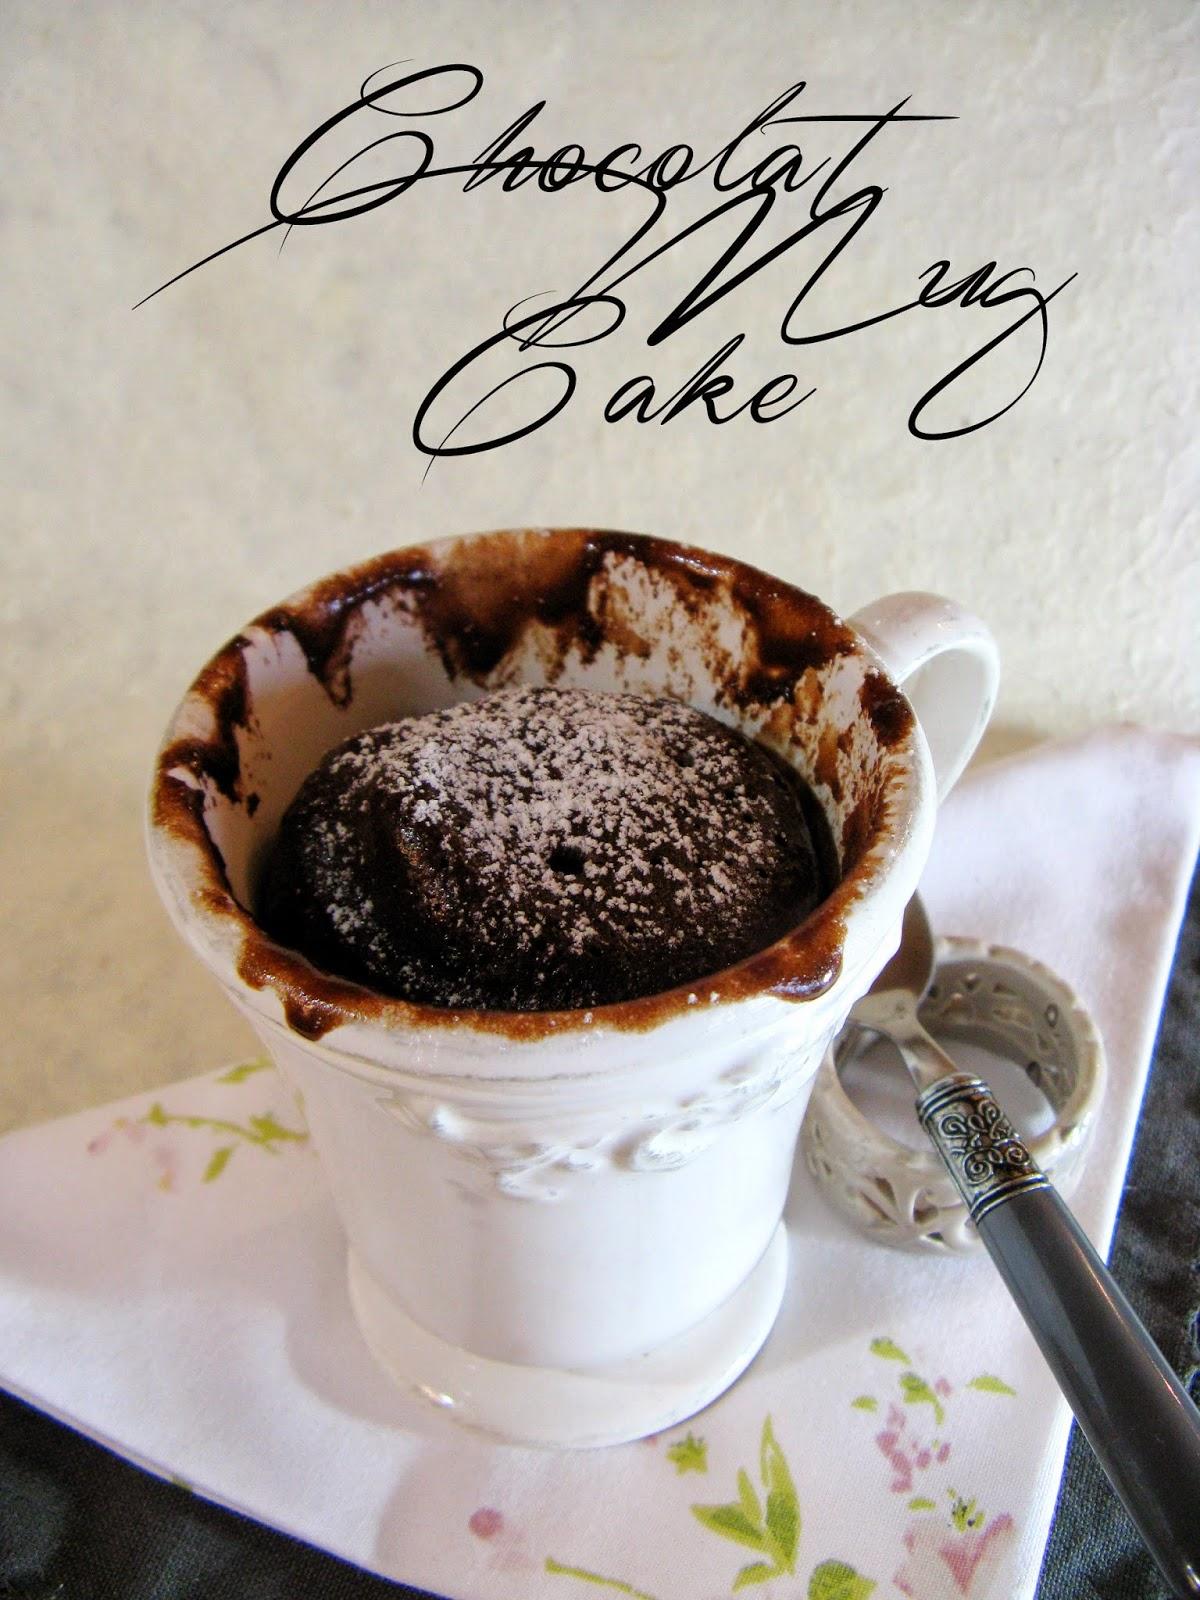 Gateau au micro onde dans un gobelet meilleur travail des chefs populaires - Gateau dans un mug ...